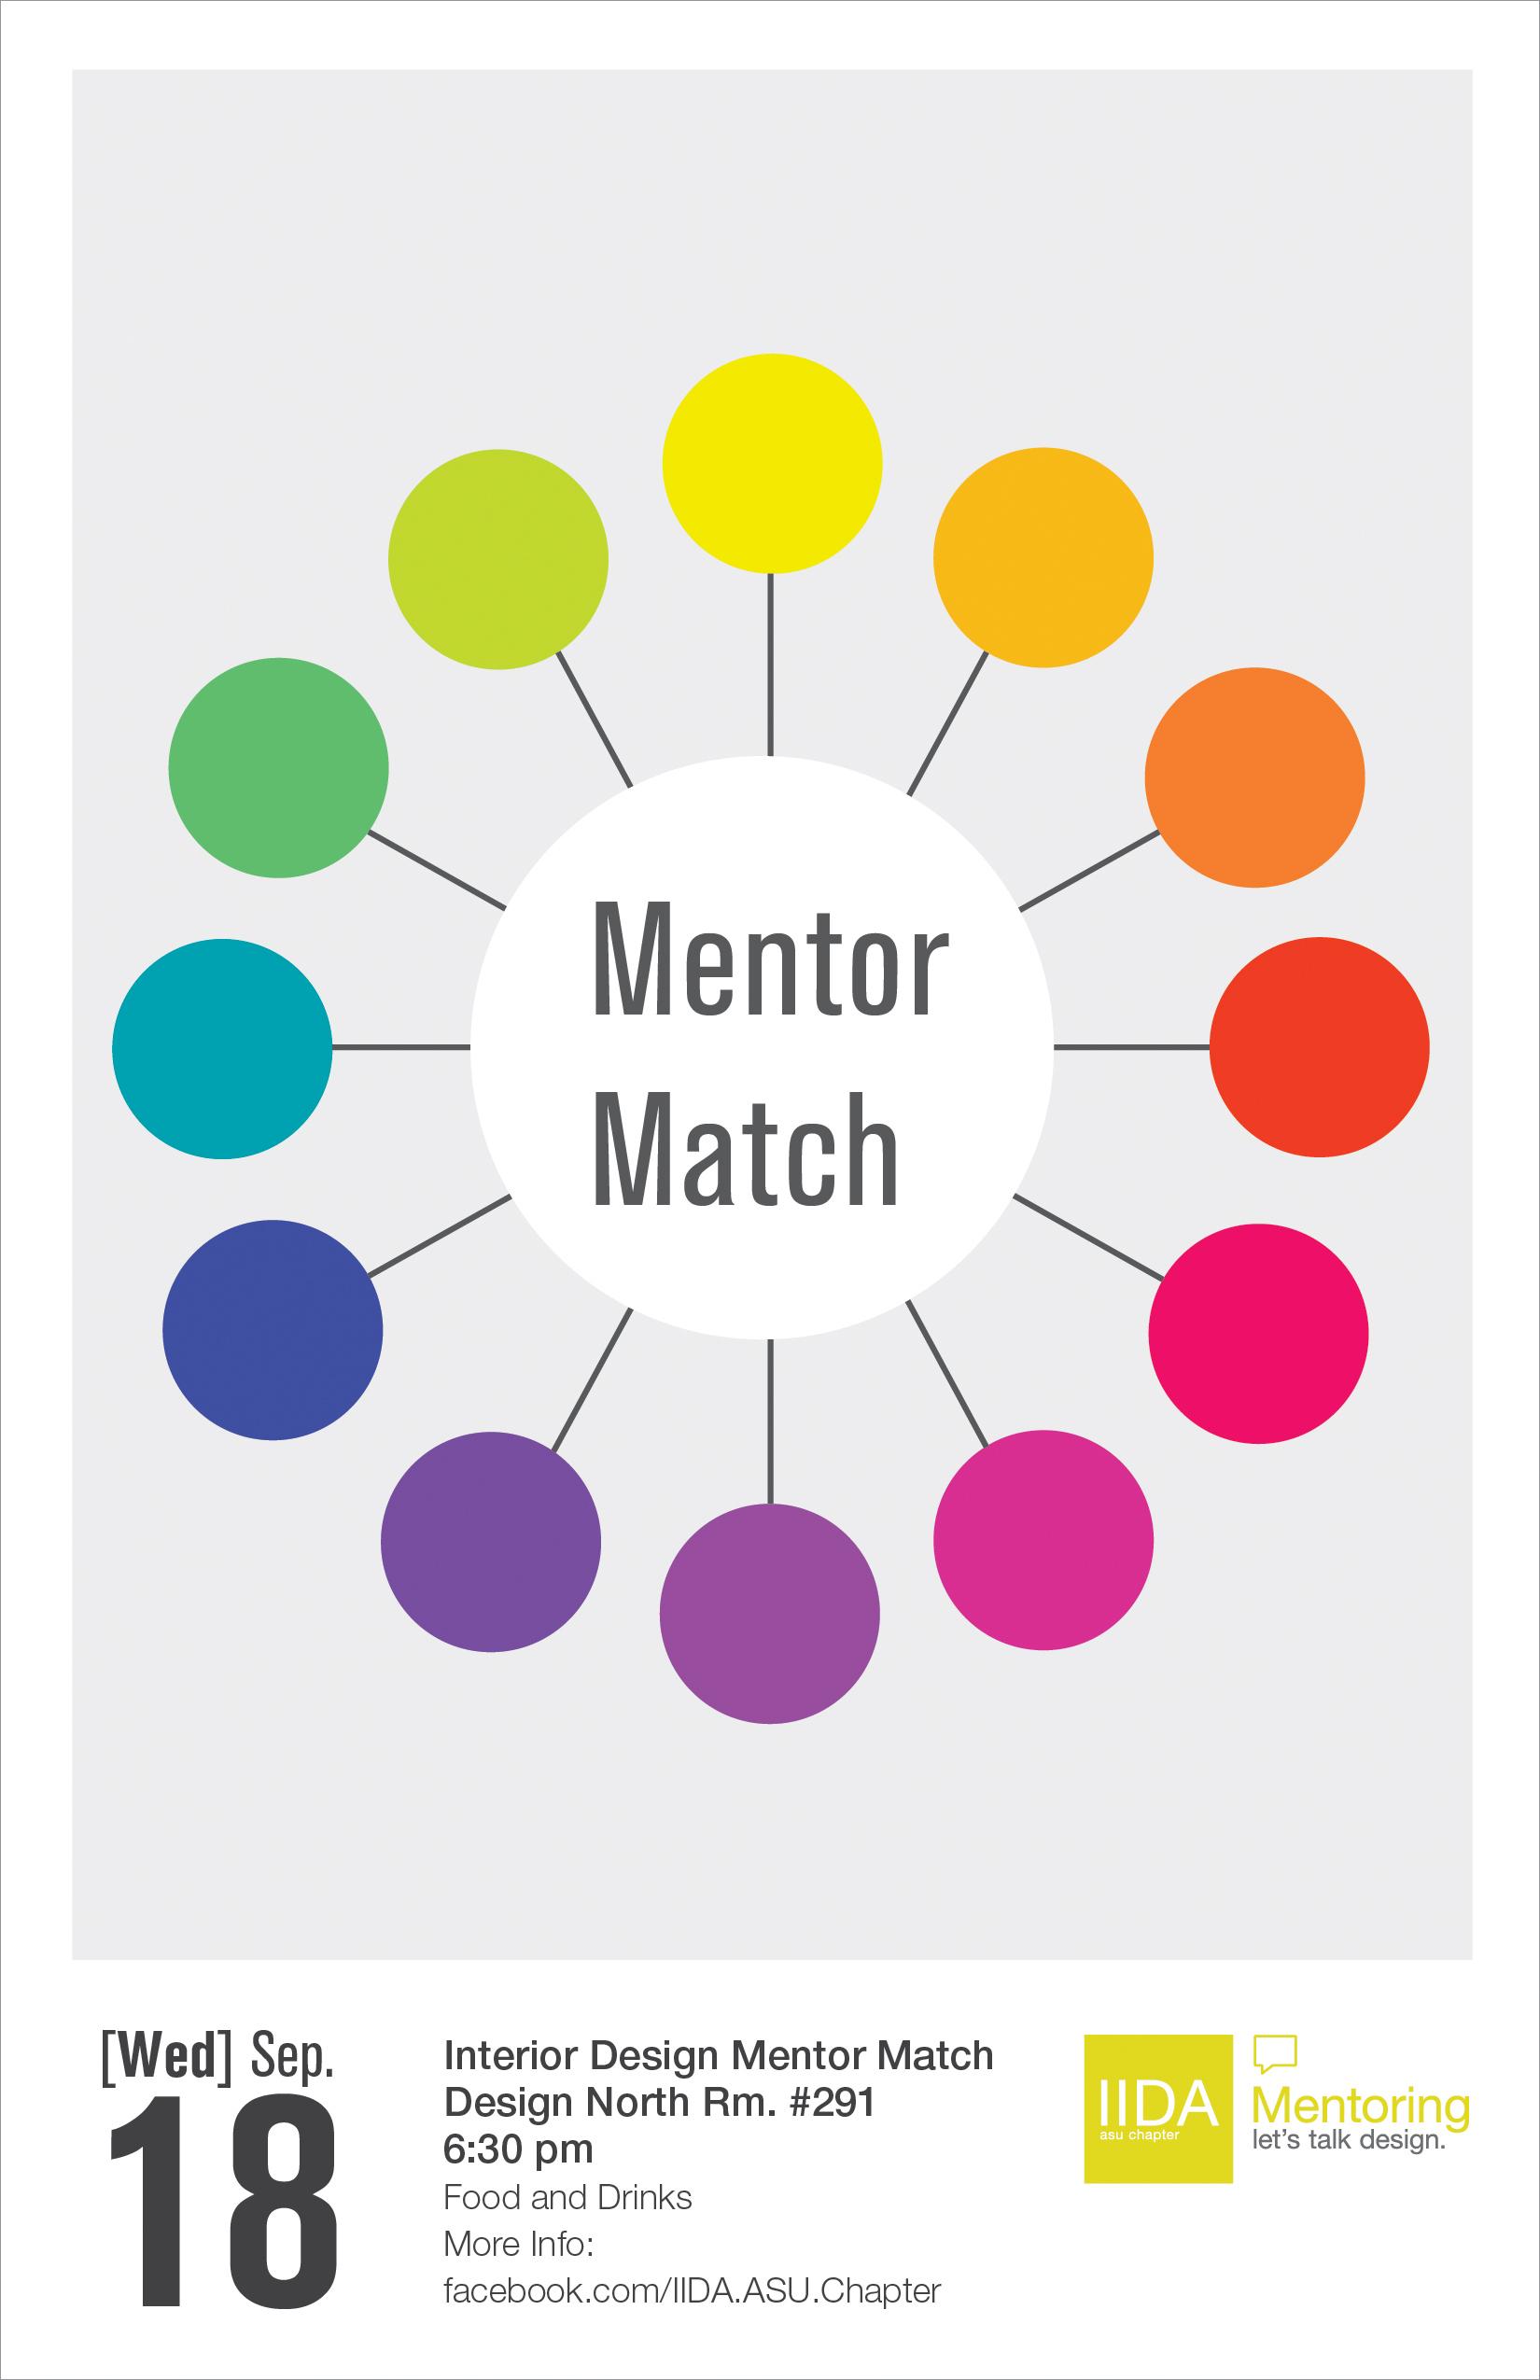 mentor match-04-04.jpg